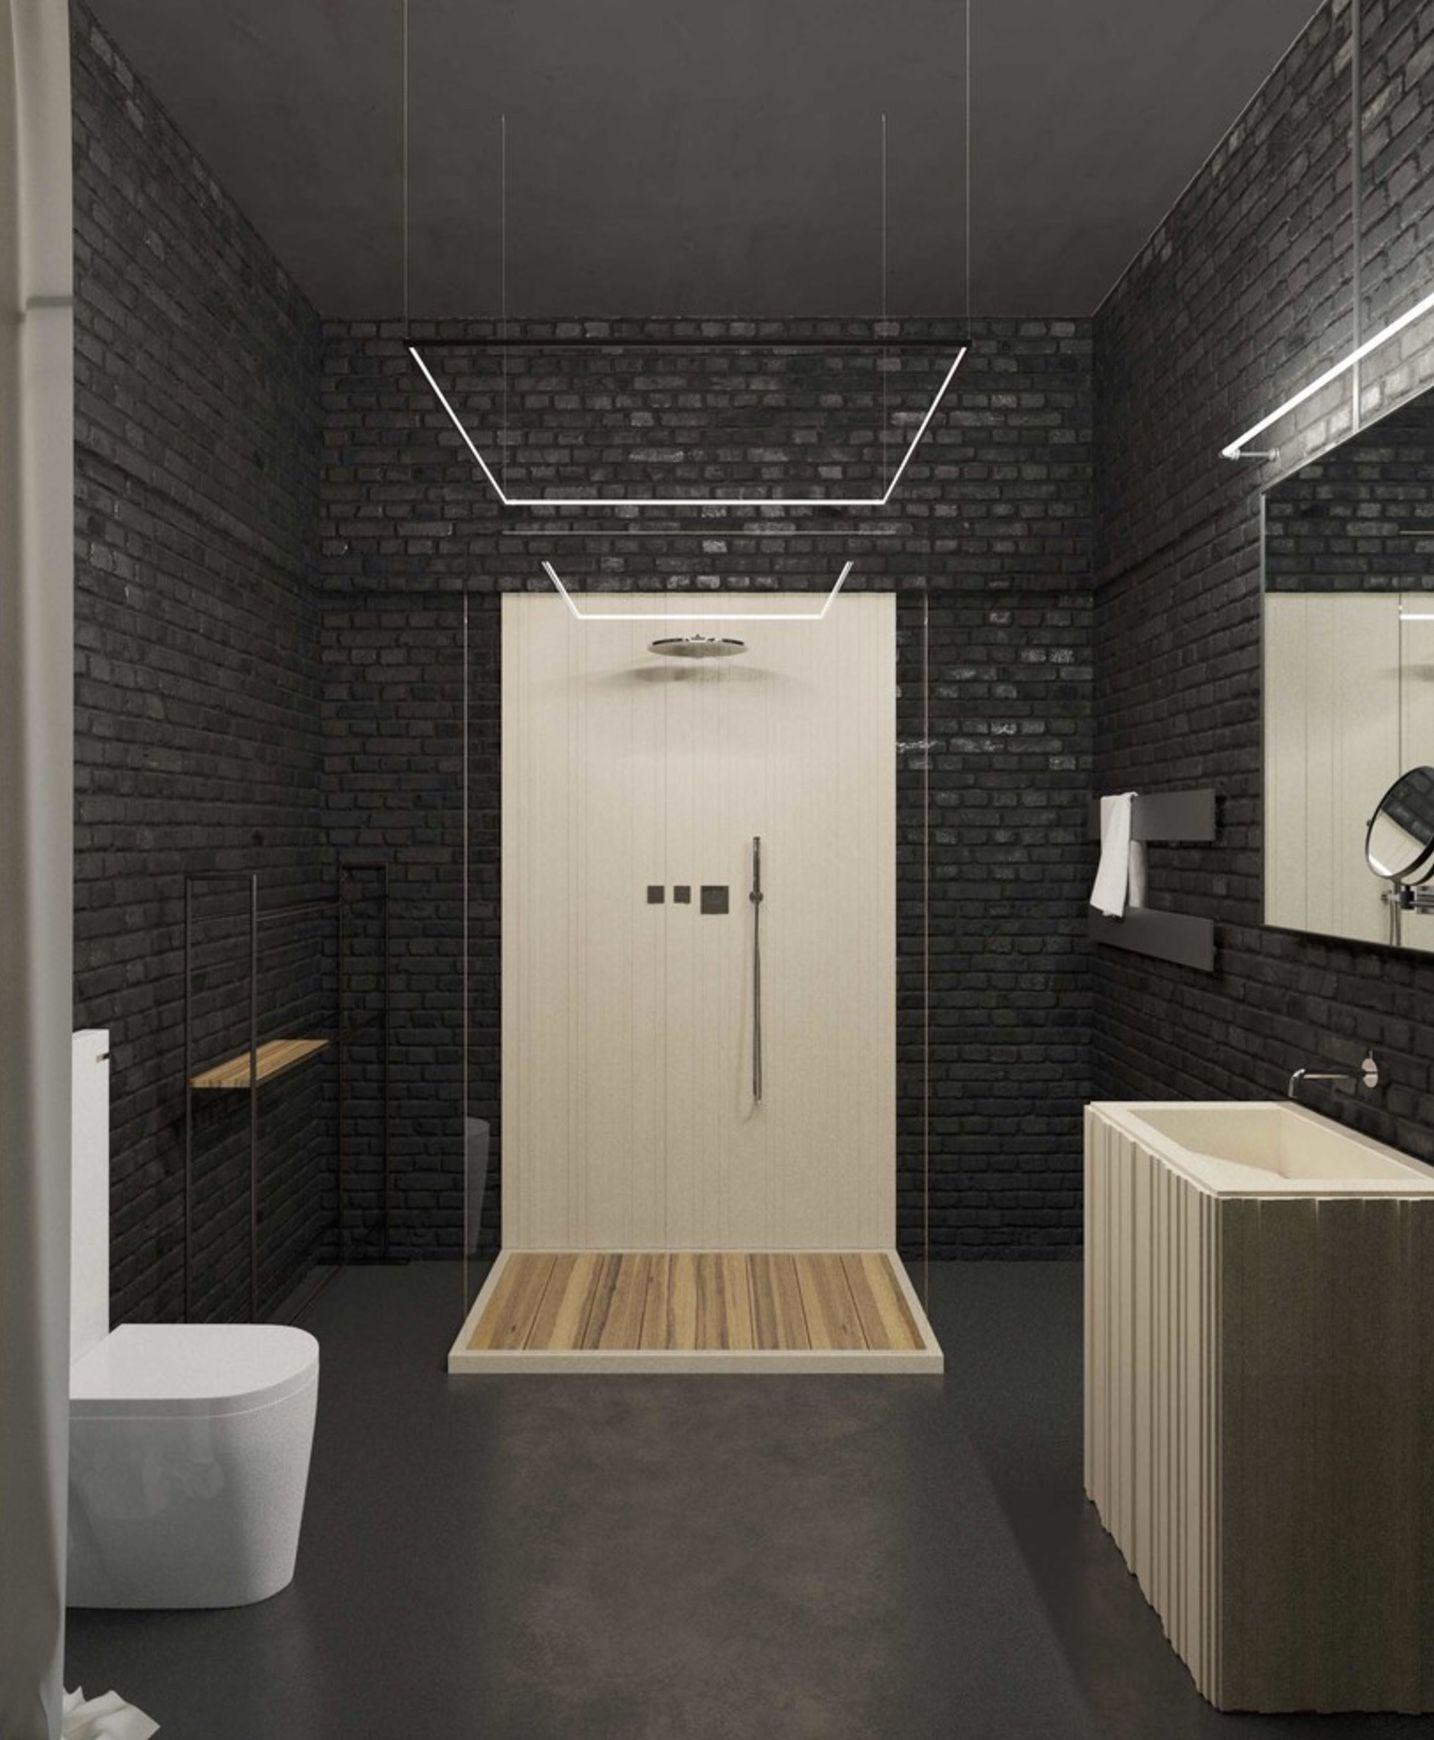 Дизайн проекта лофт в клубном доме DEPRE LOFT. #Depreloft #design #brickwall #interiors #bathroom #loft #outoftime #интерьерлофта #studio211 #НашиПроектыStudio211